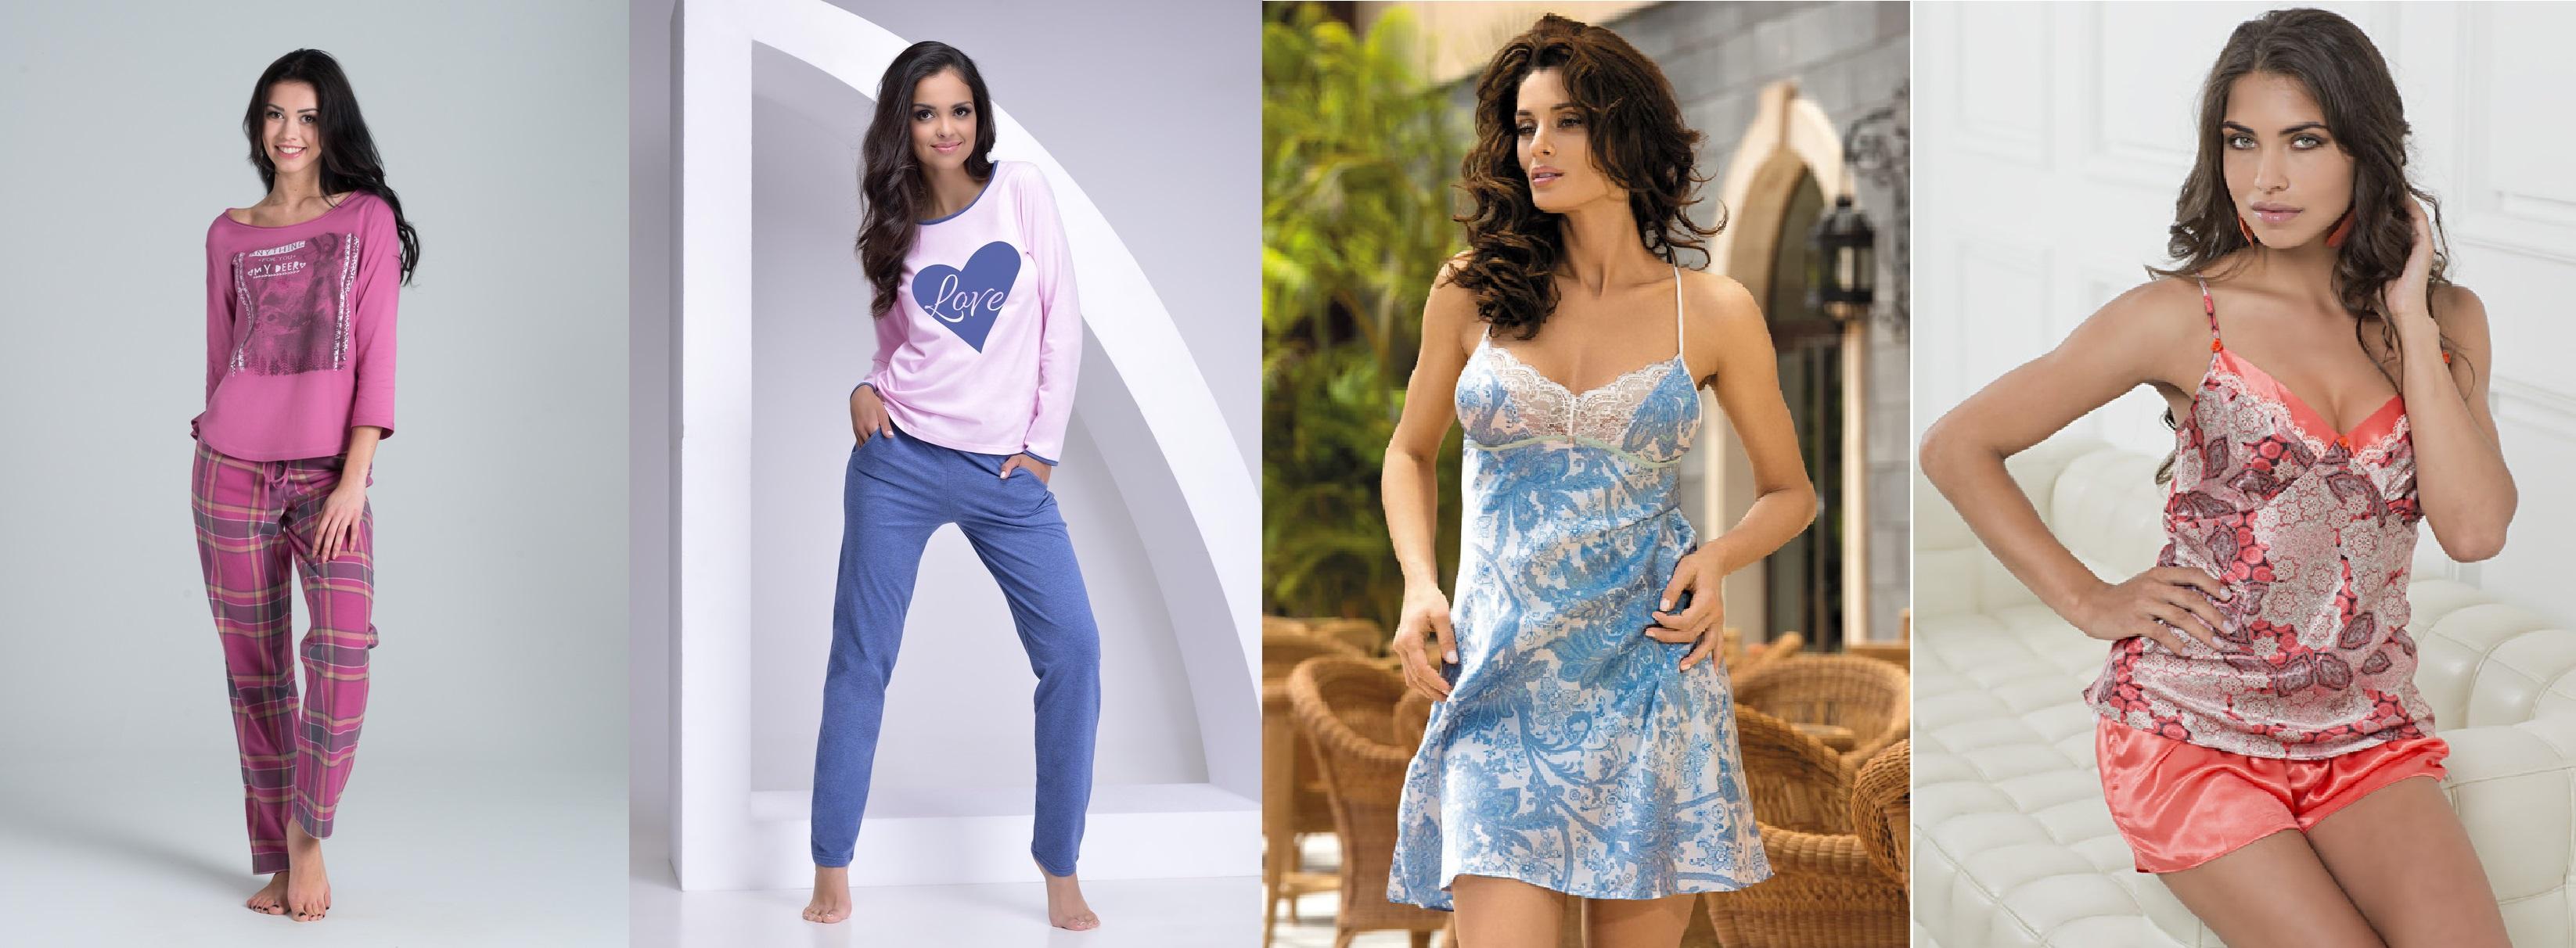 женские пижмы комплекты сорочки